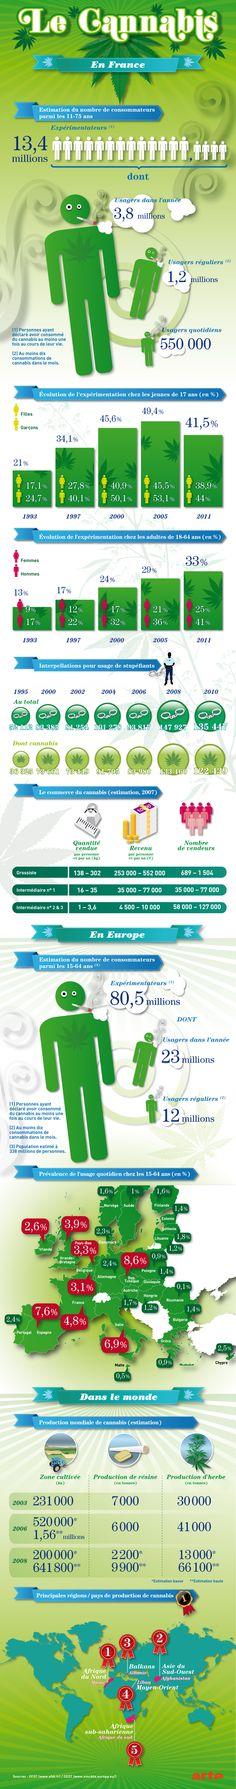 La consommation et la production de cannabis : infographie | Le cannabis en France, en Europe et dans le monde | Les paradoxes du cannabis | Comprendre le monde | fr - ARTE